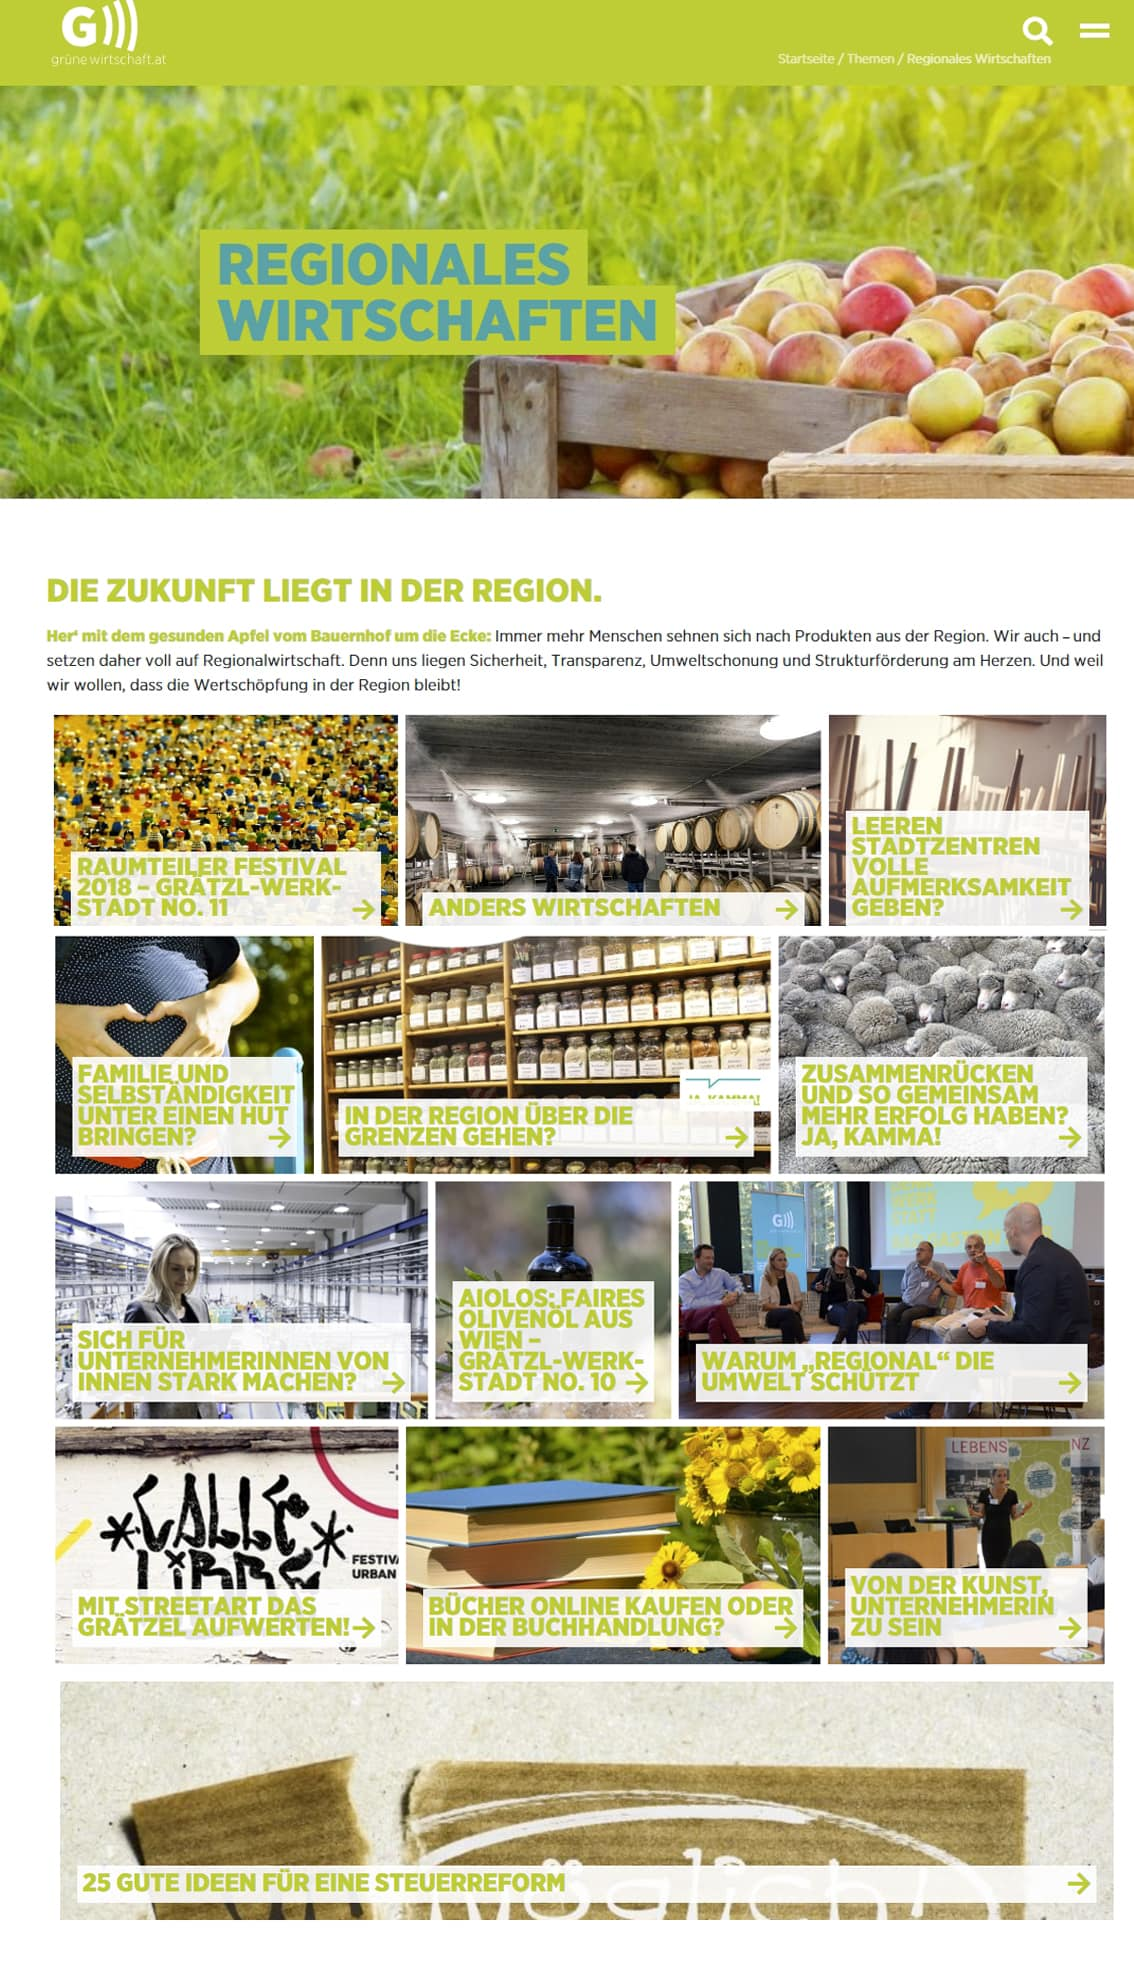 Grüne Wirtschaft Website | Relaunch by Lina Bibaric